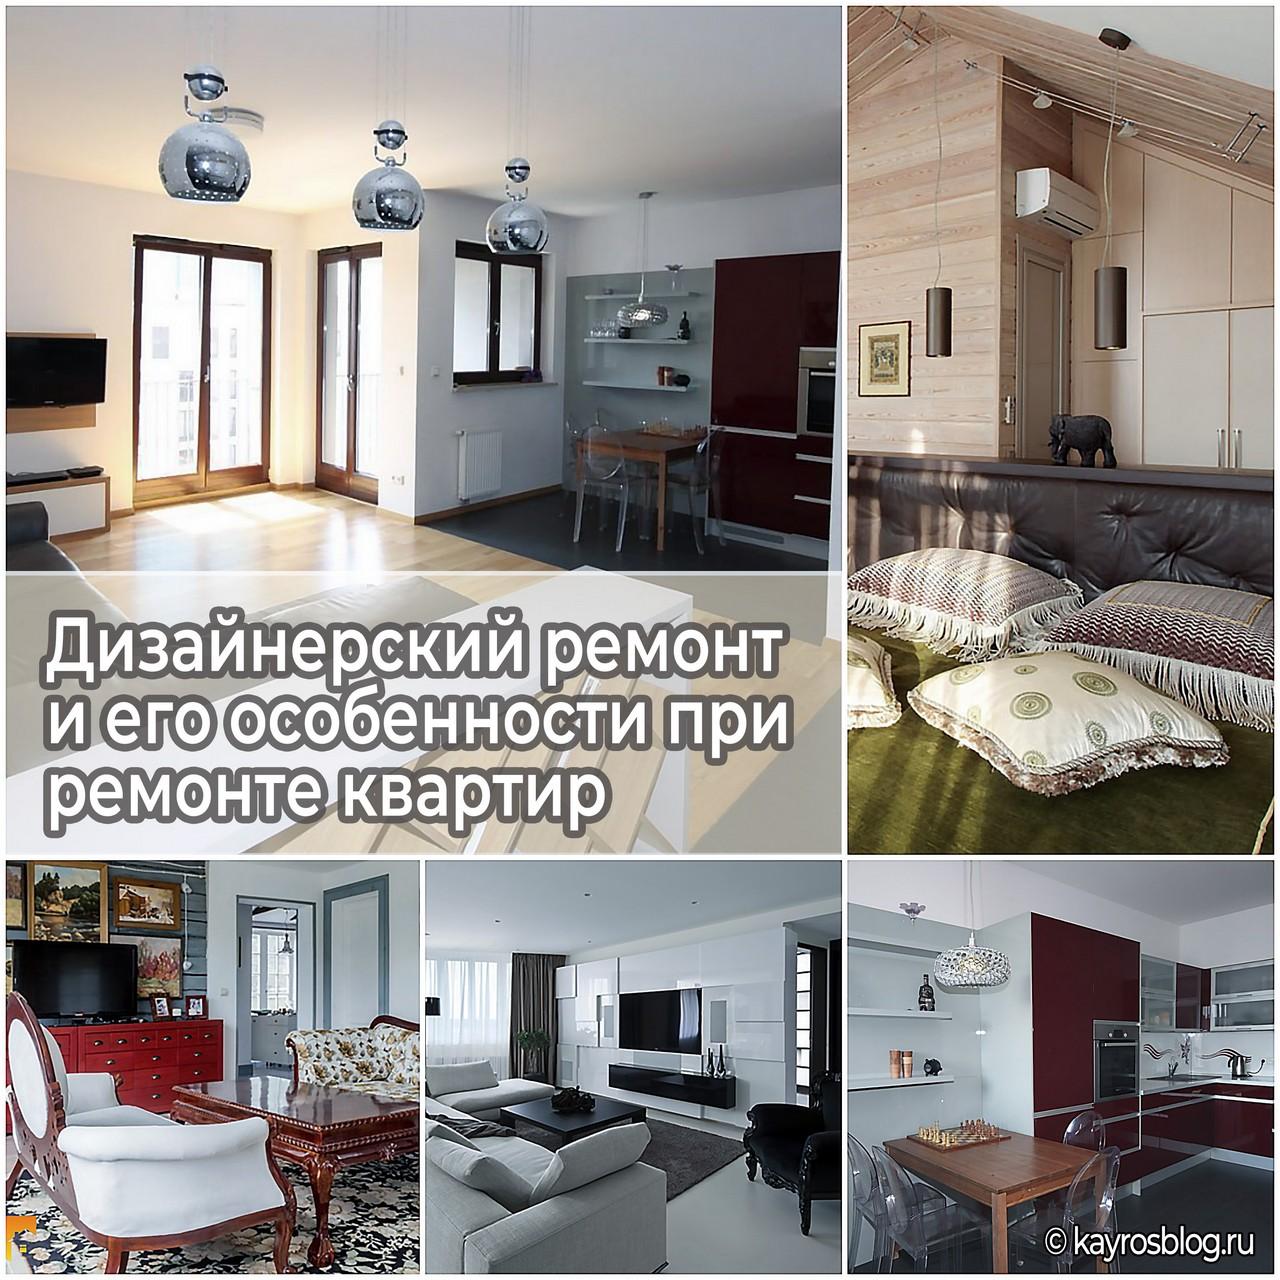 Дизайнерский ремонт и его особенности при ремонте квартир